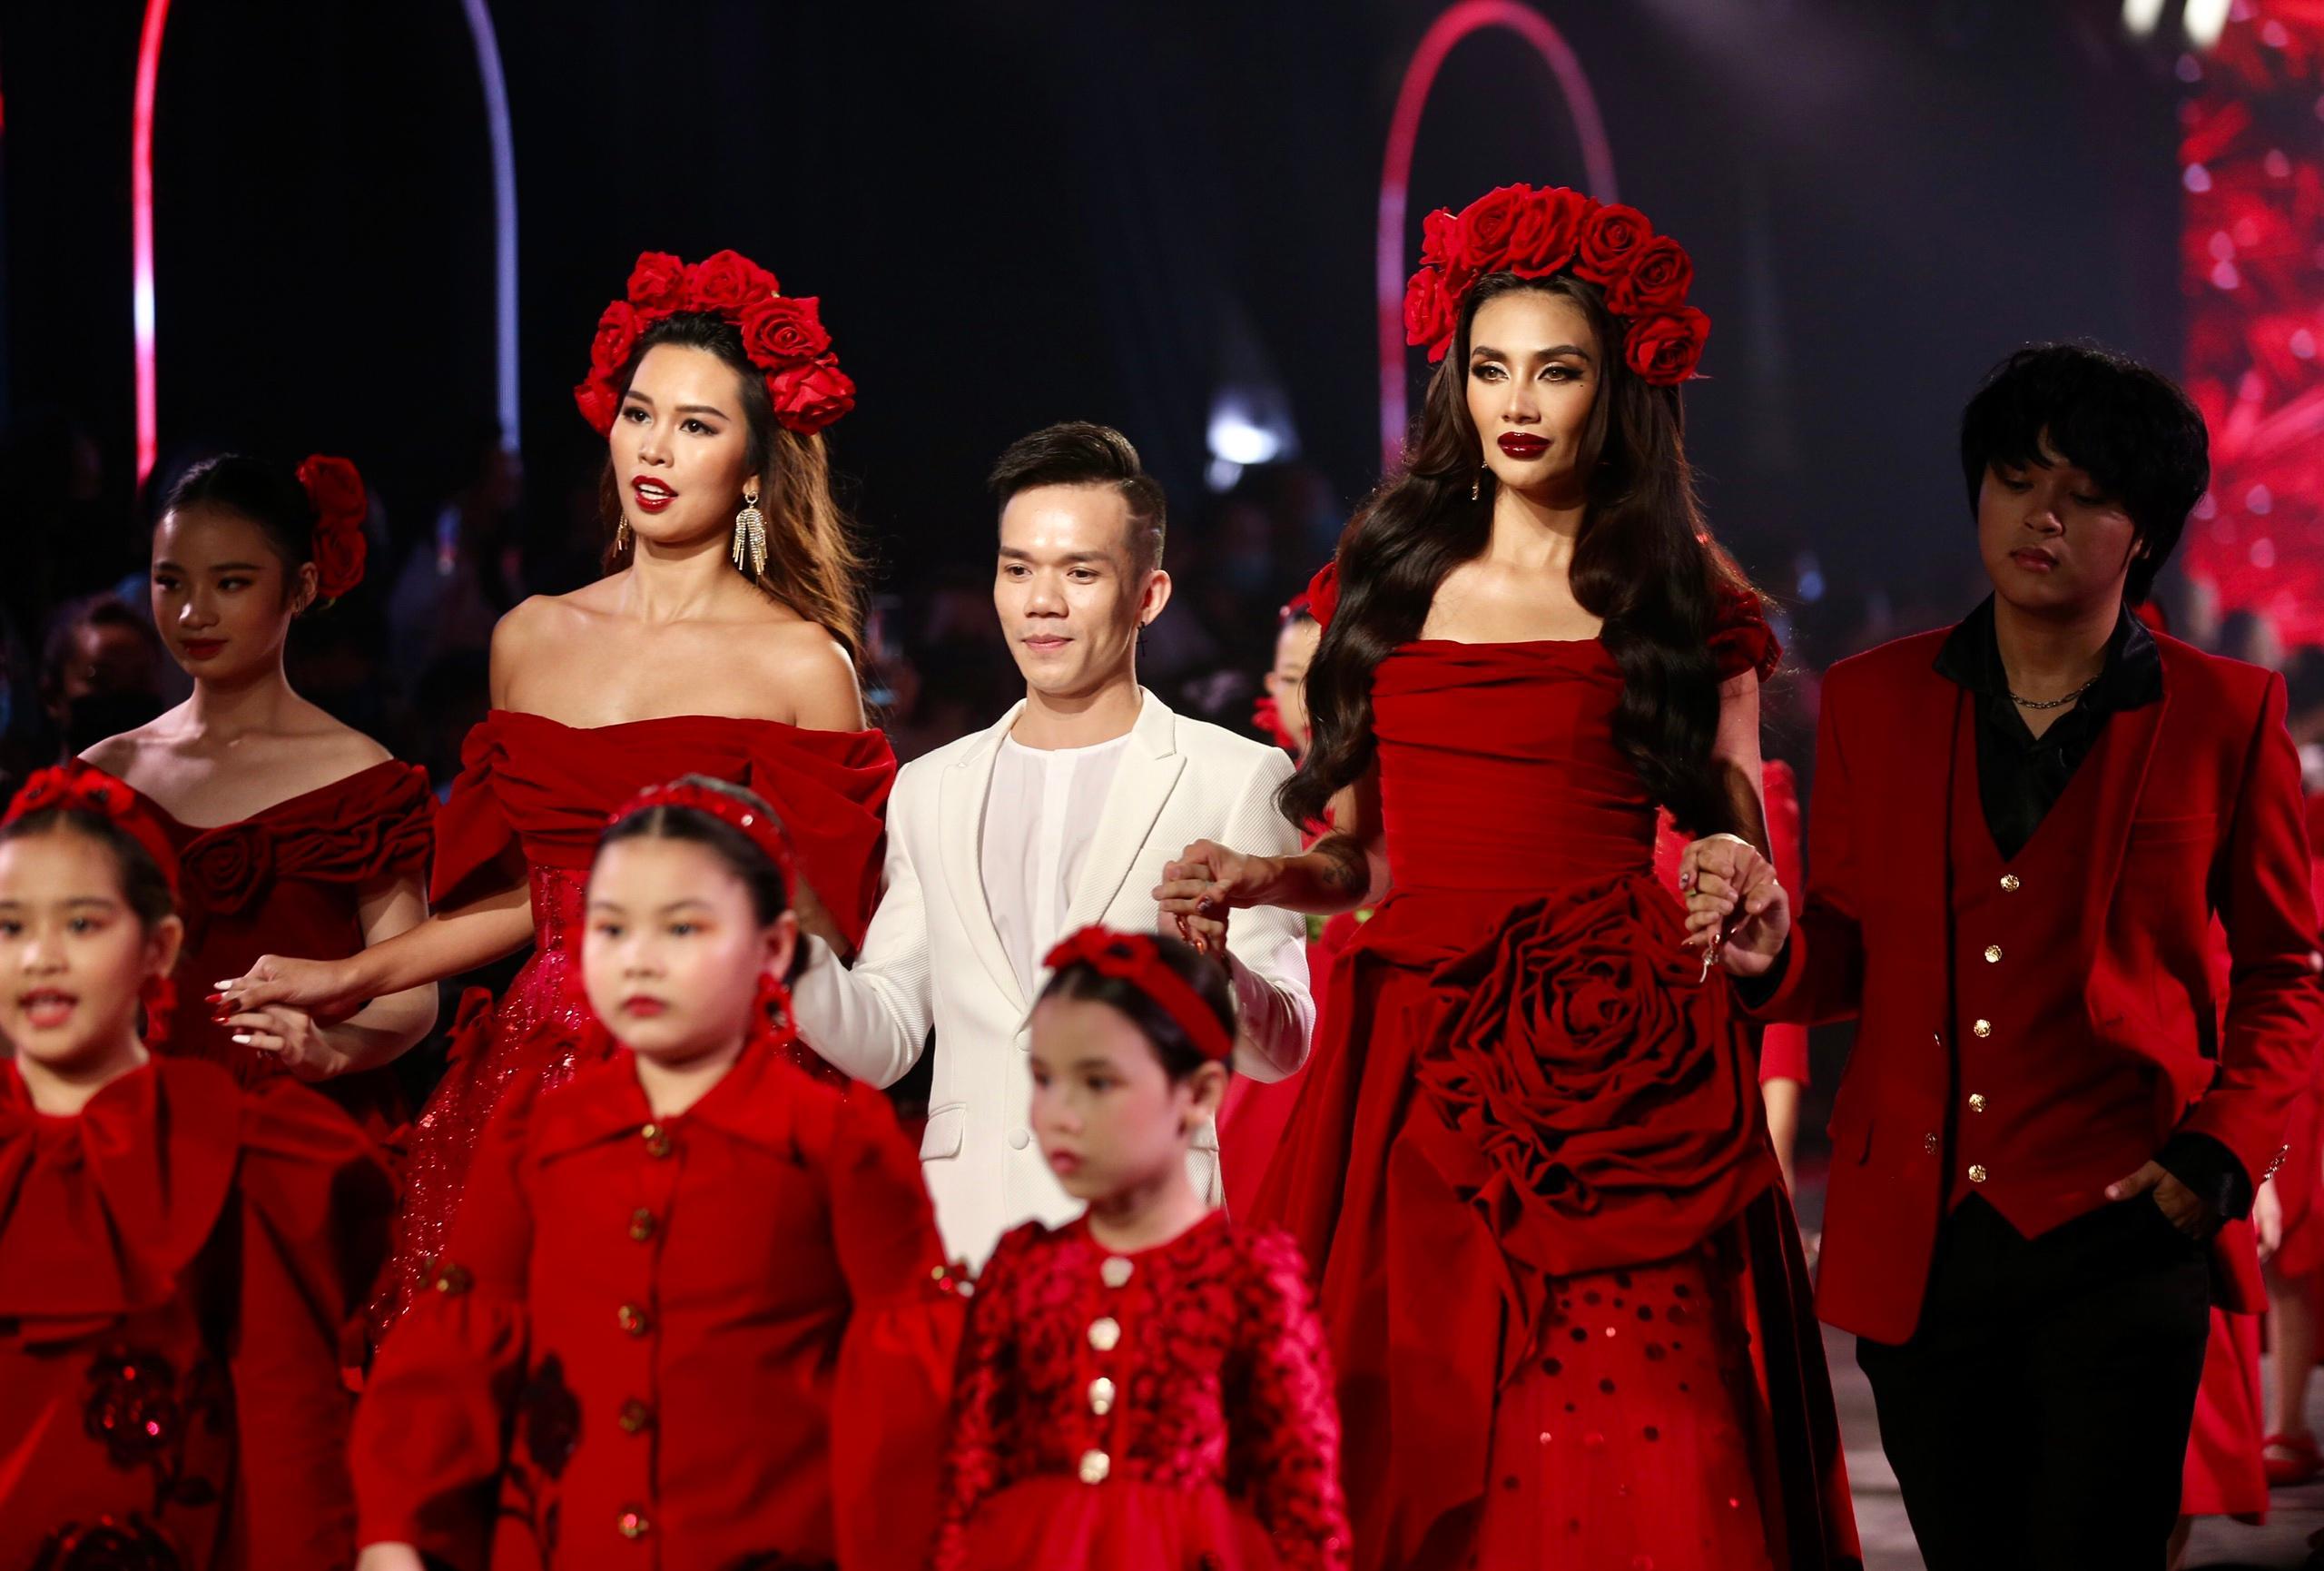 Hoa hậu Tiểu Vy mặc áo lưới gợi cảm trong show thời trang Ảnh 19